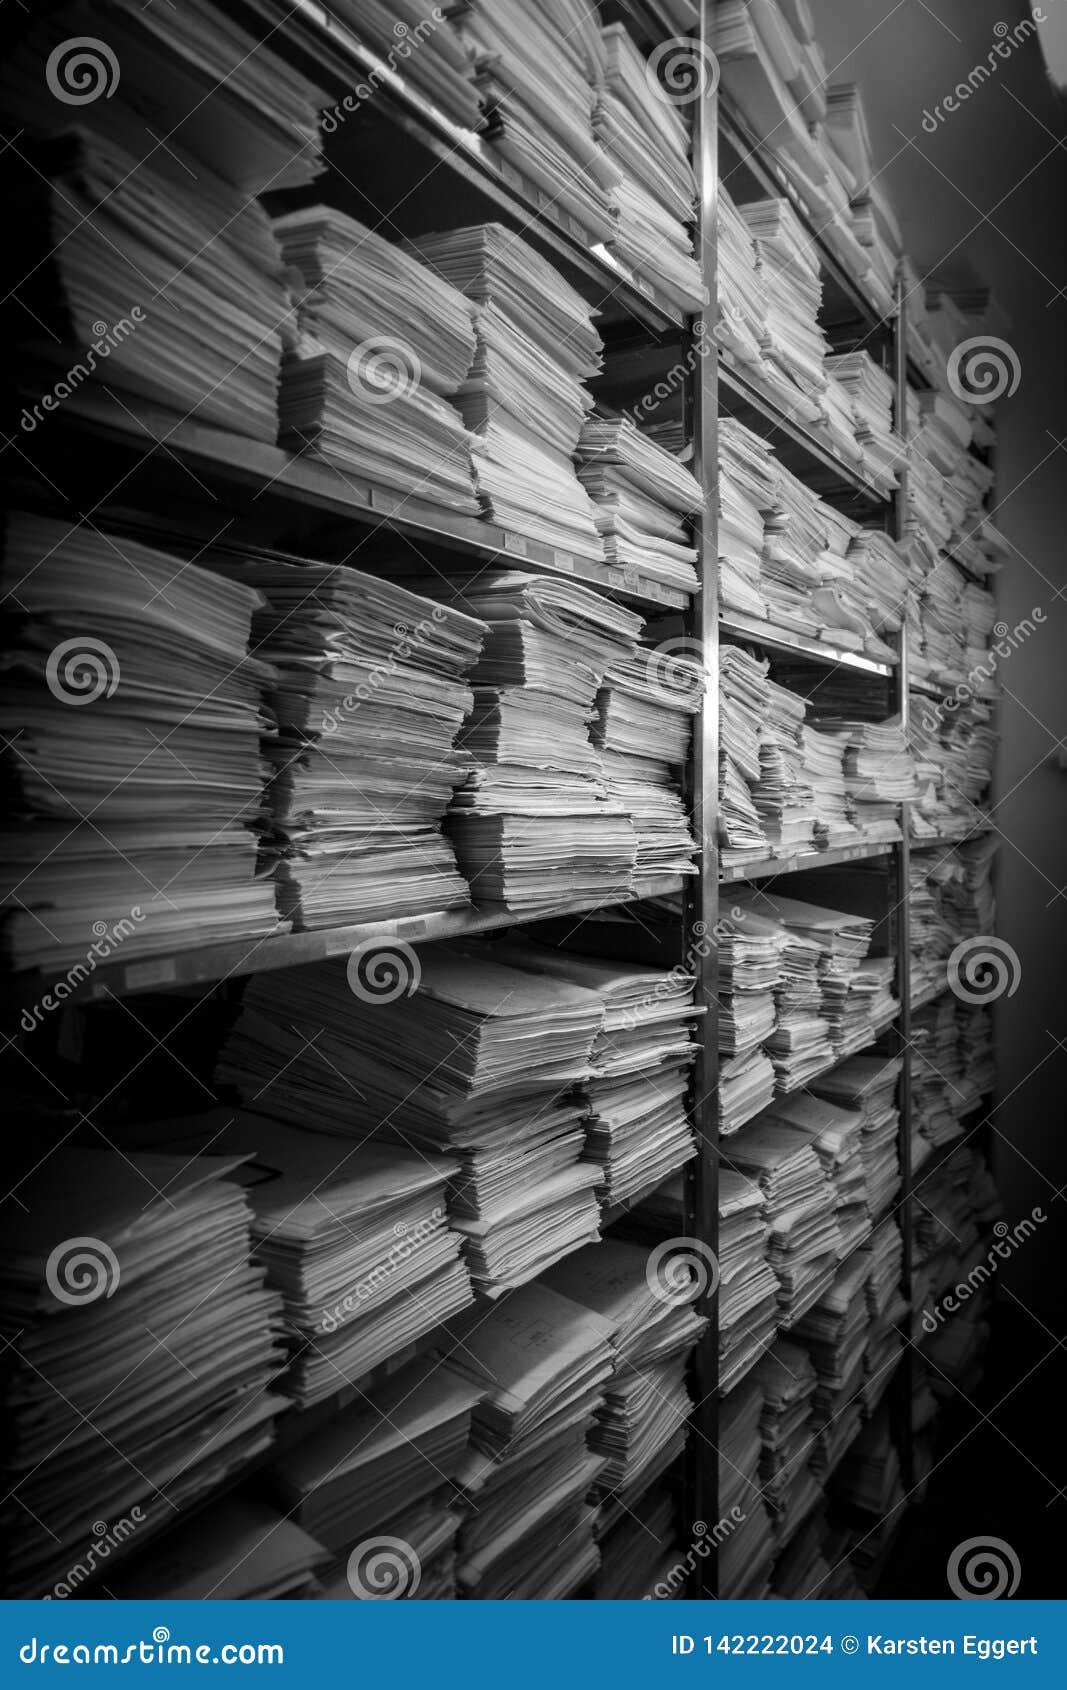 Οι σωροί αρχείων αποθηκεύονται σε ένα αρχείο